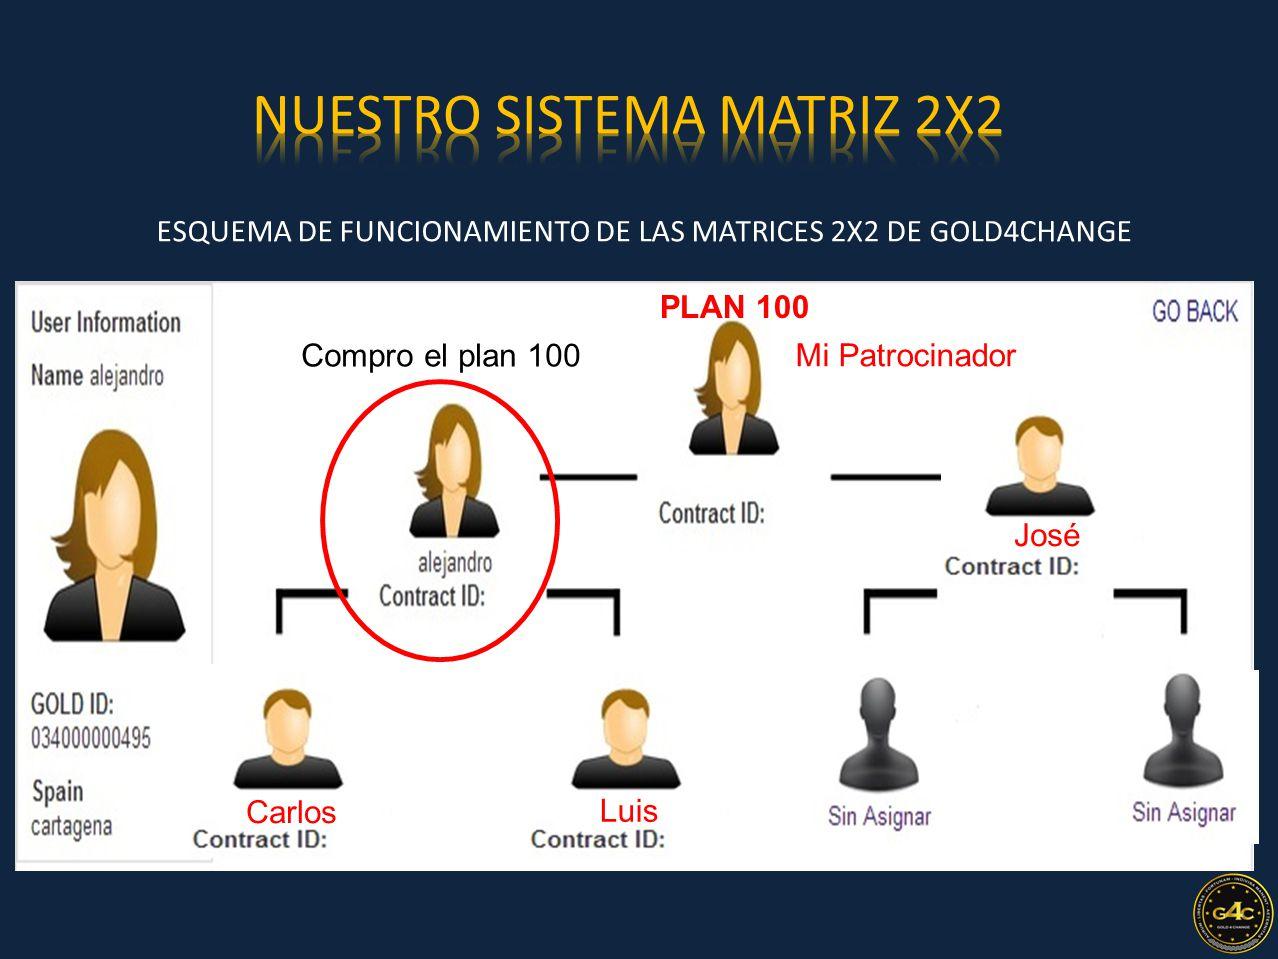 ESQUEMA DE FUNCIONAMIENTO DE LAS MATRICES 2X2 DE GOLD4CHANGE 2 Nivel Mi Patrocinador PLAN 100 Compro el plan 100 Carlos Luis José